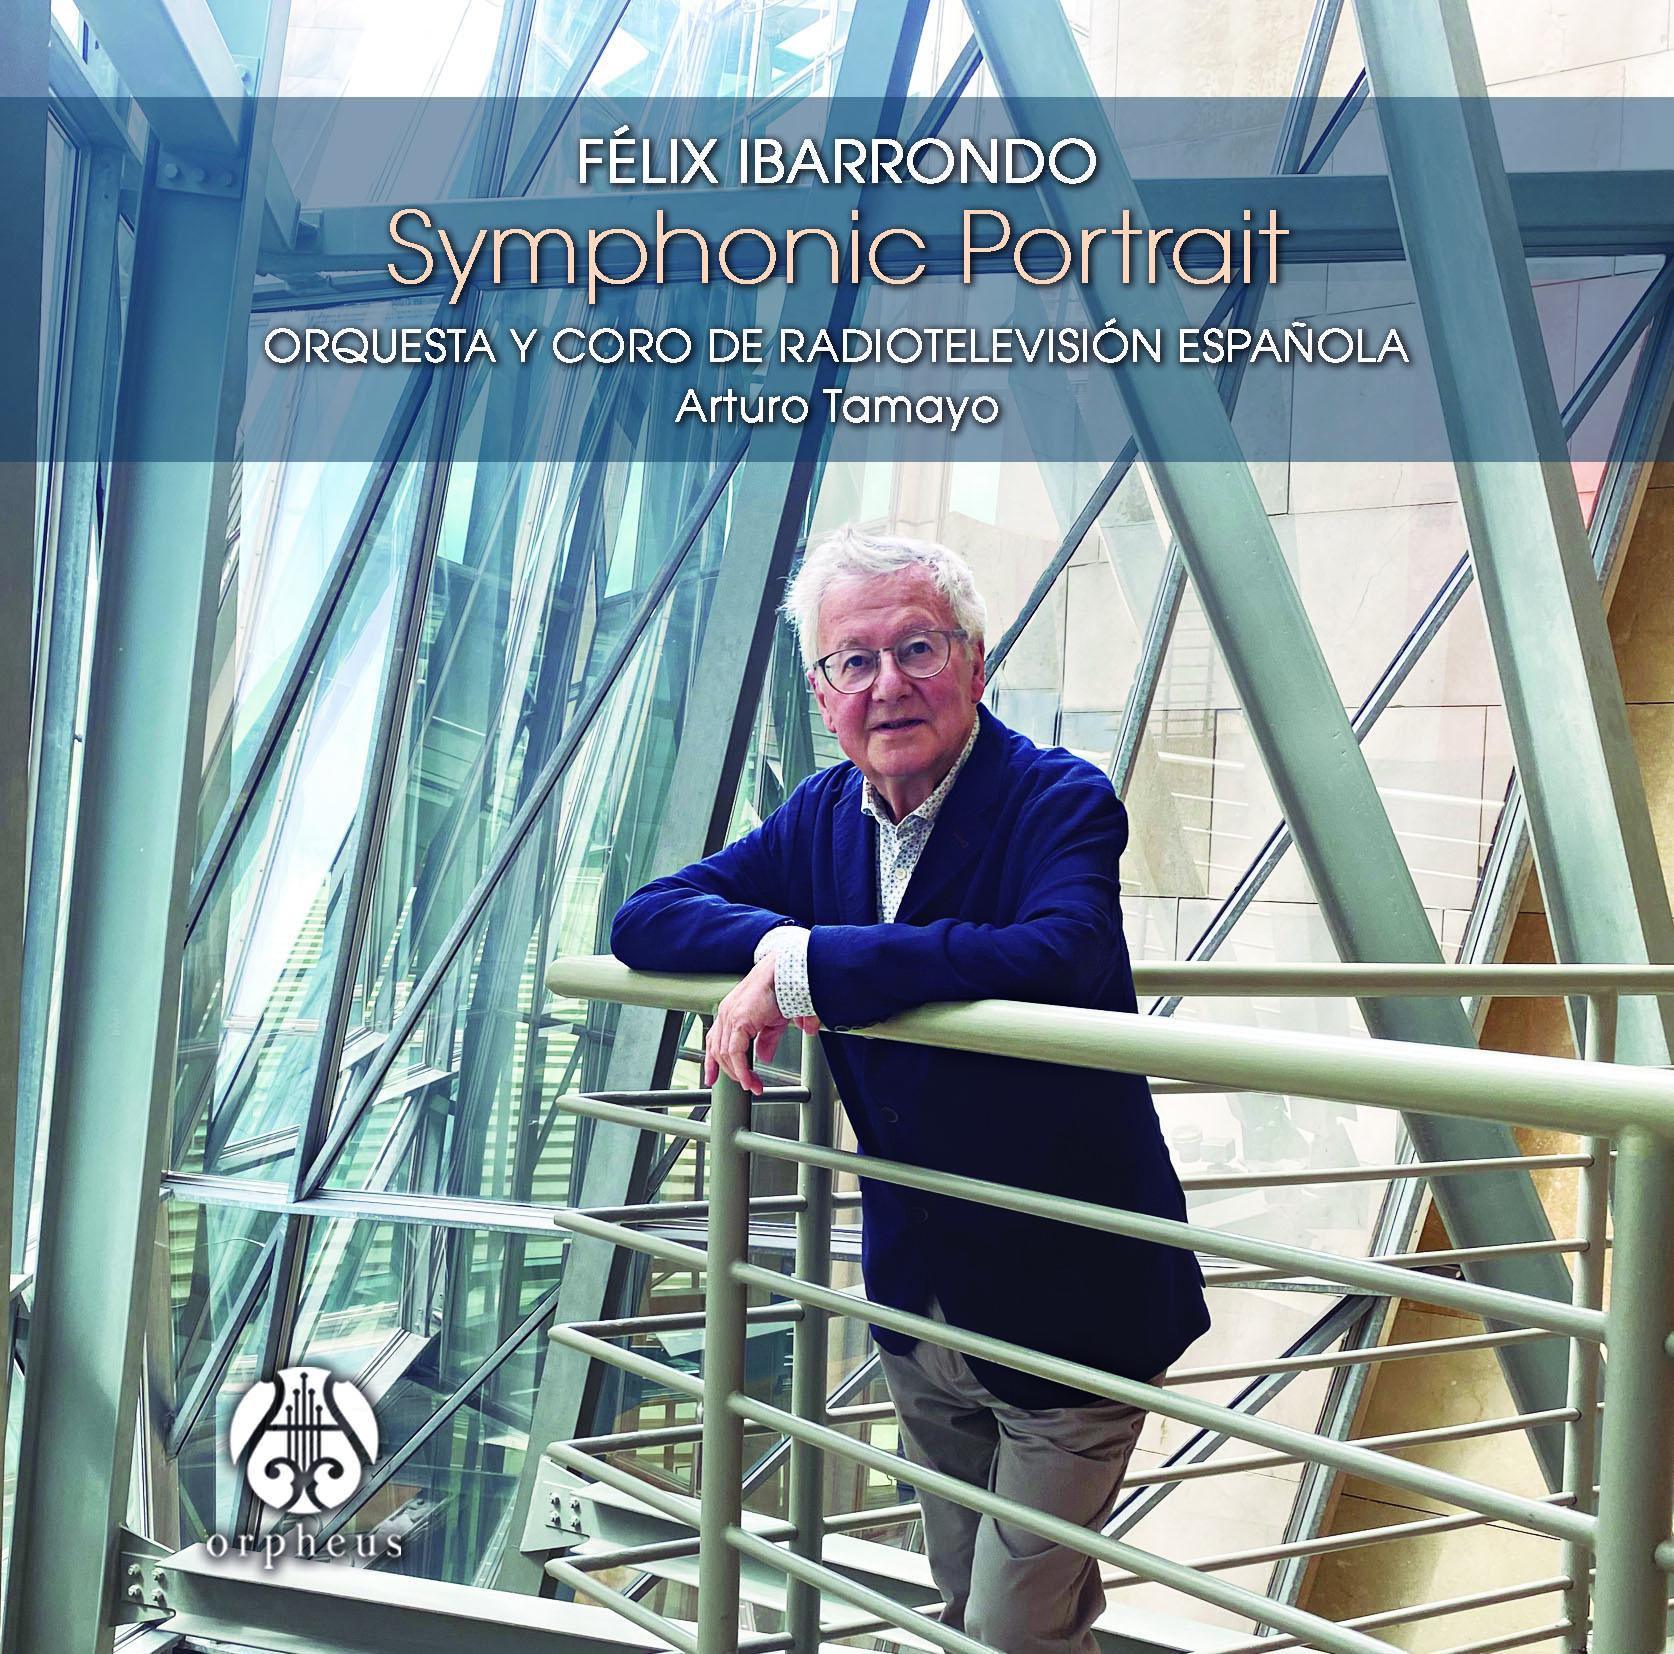 Félix Ibarrondo, Symphonic Port